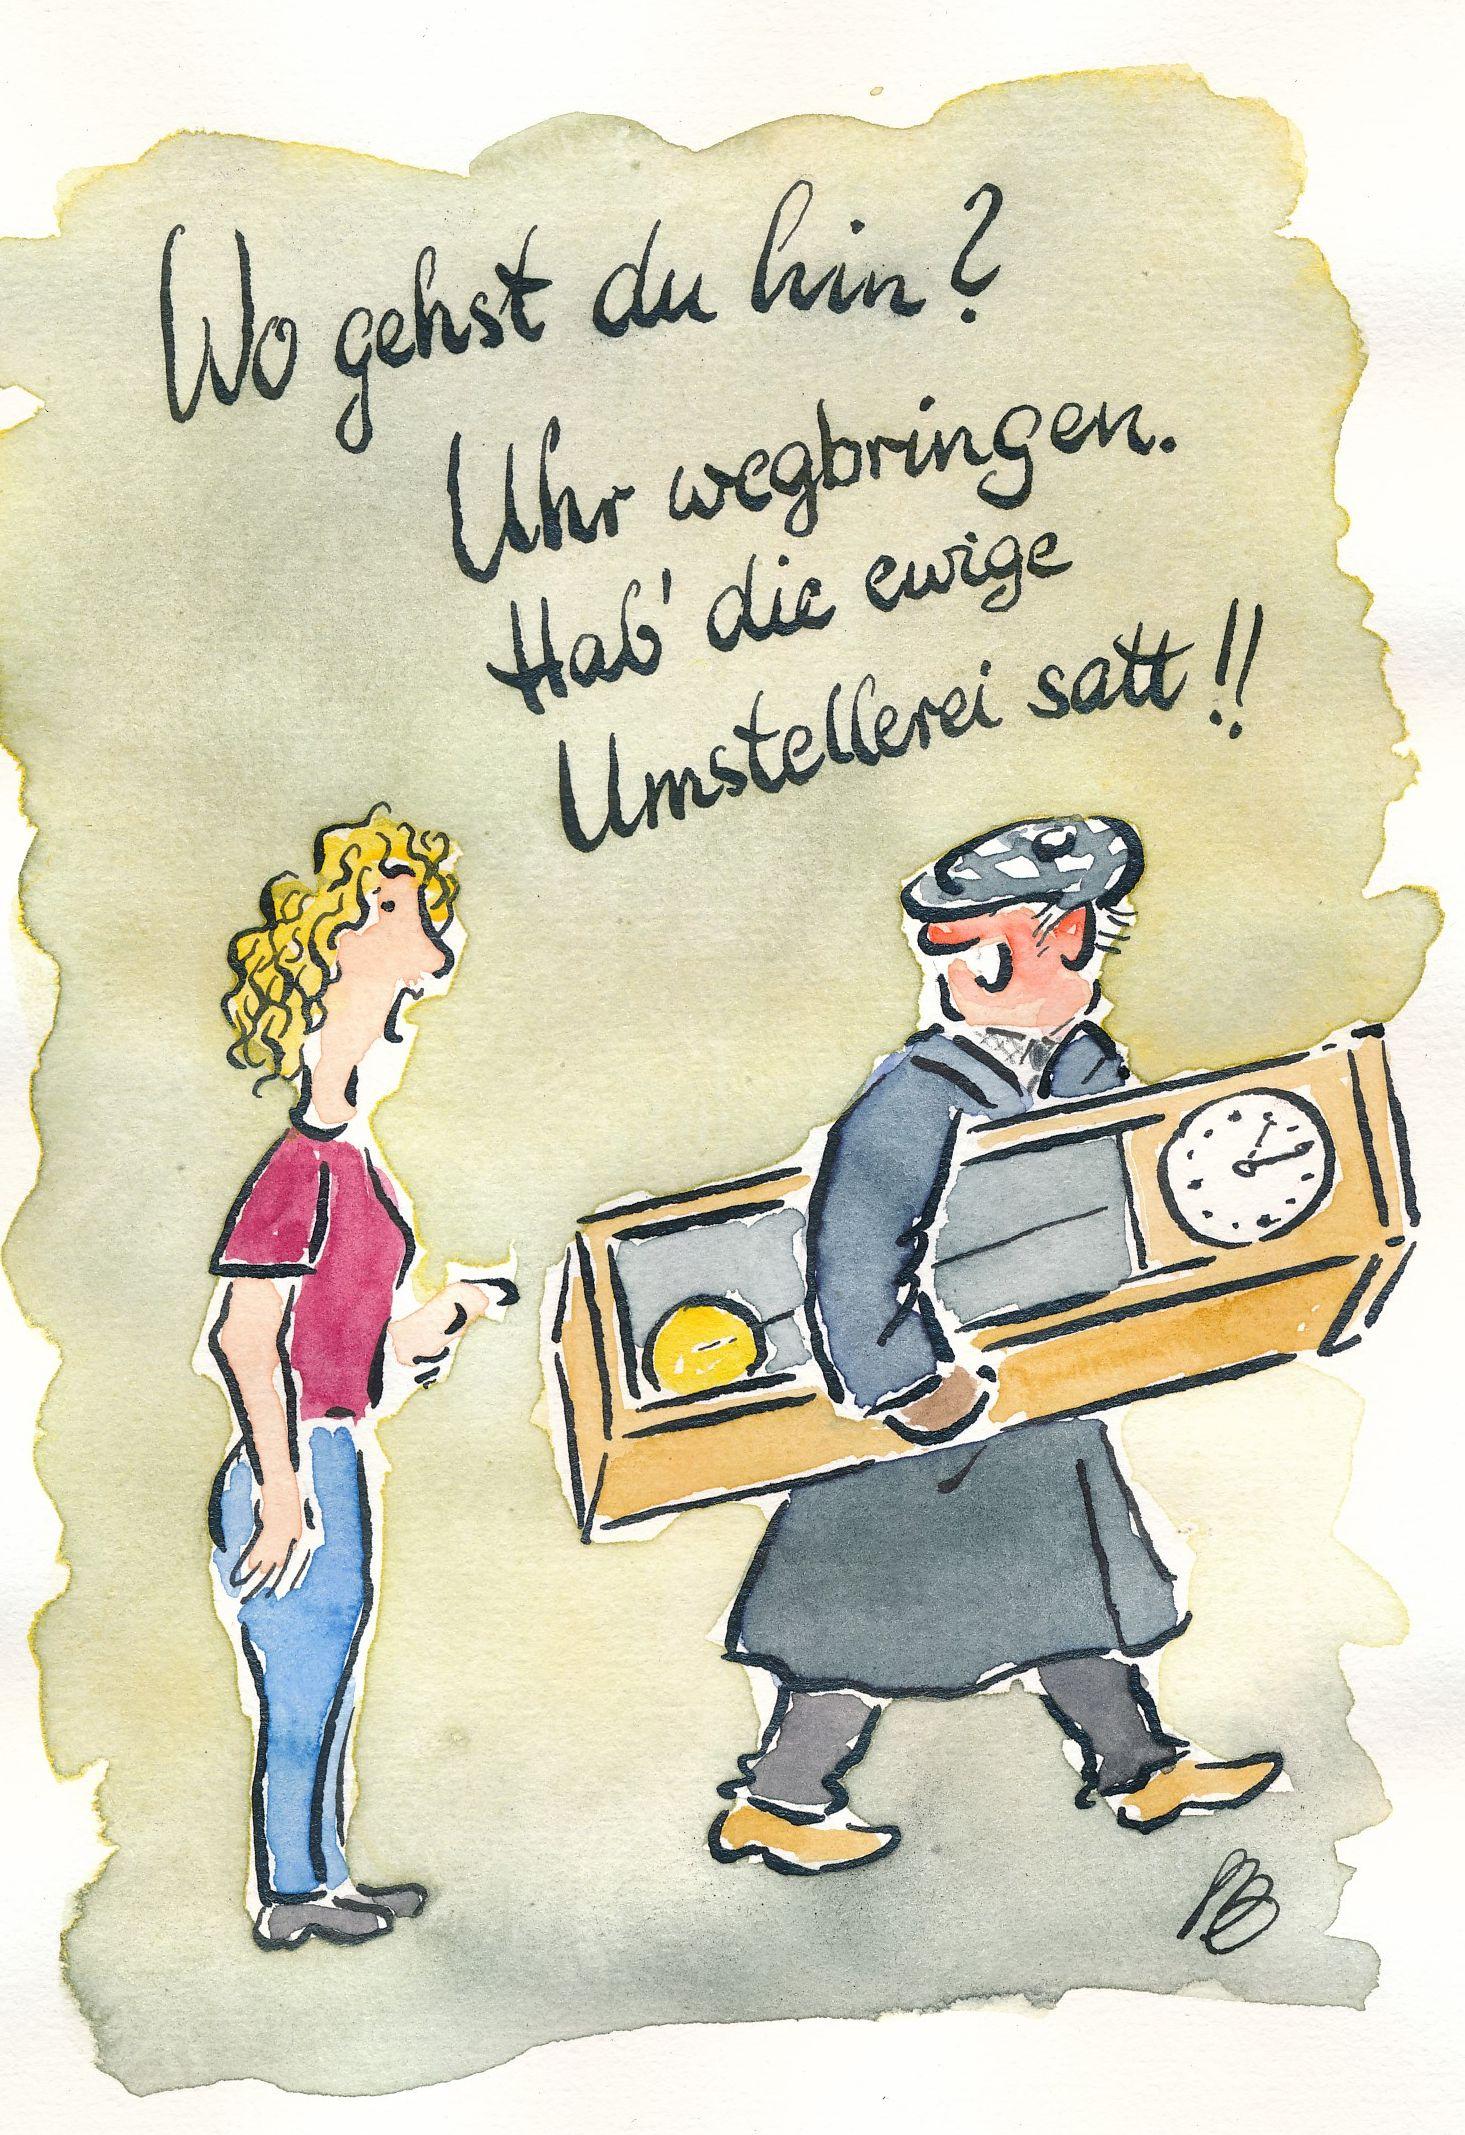 Uhrumstellung Karikatur 24 10 2018 Fränkische Zeitung